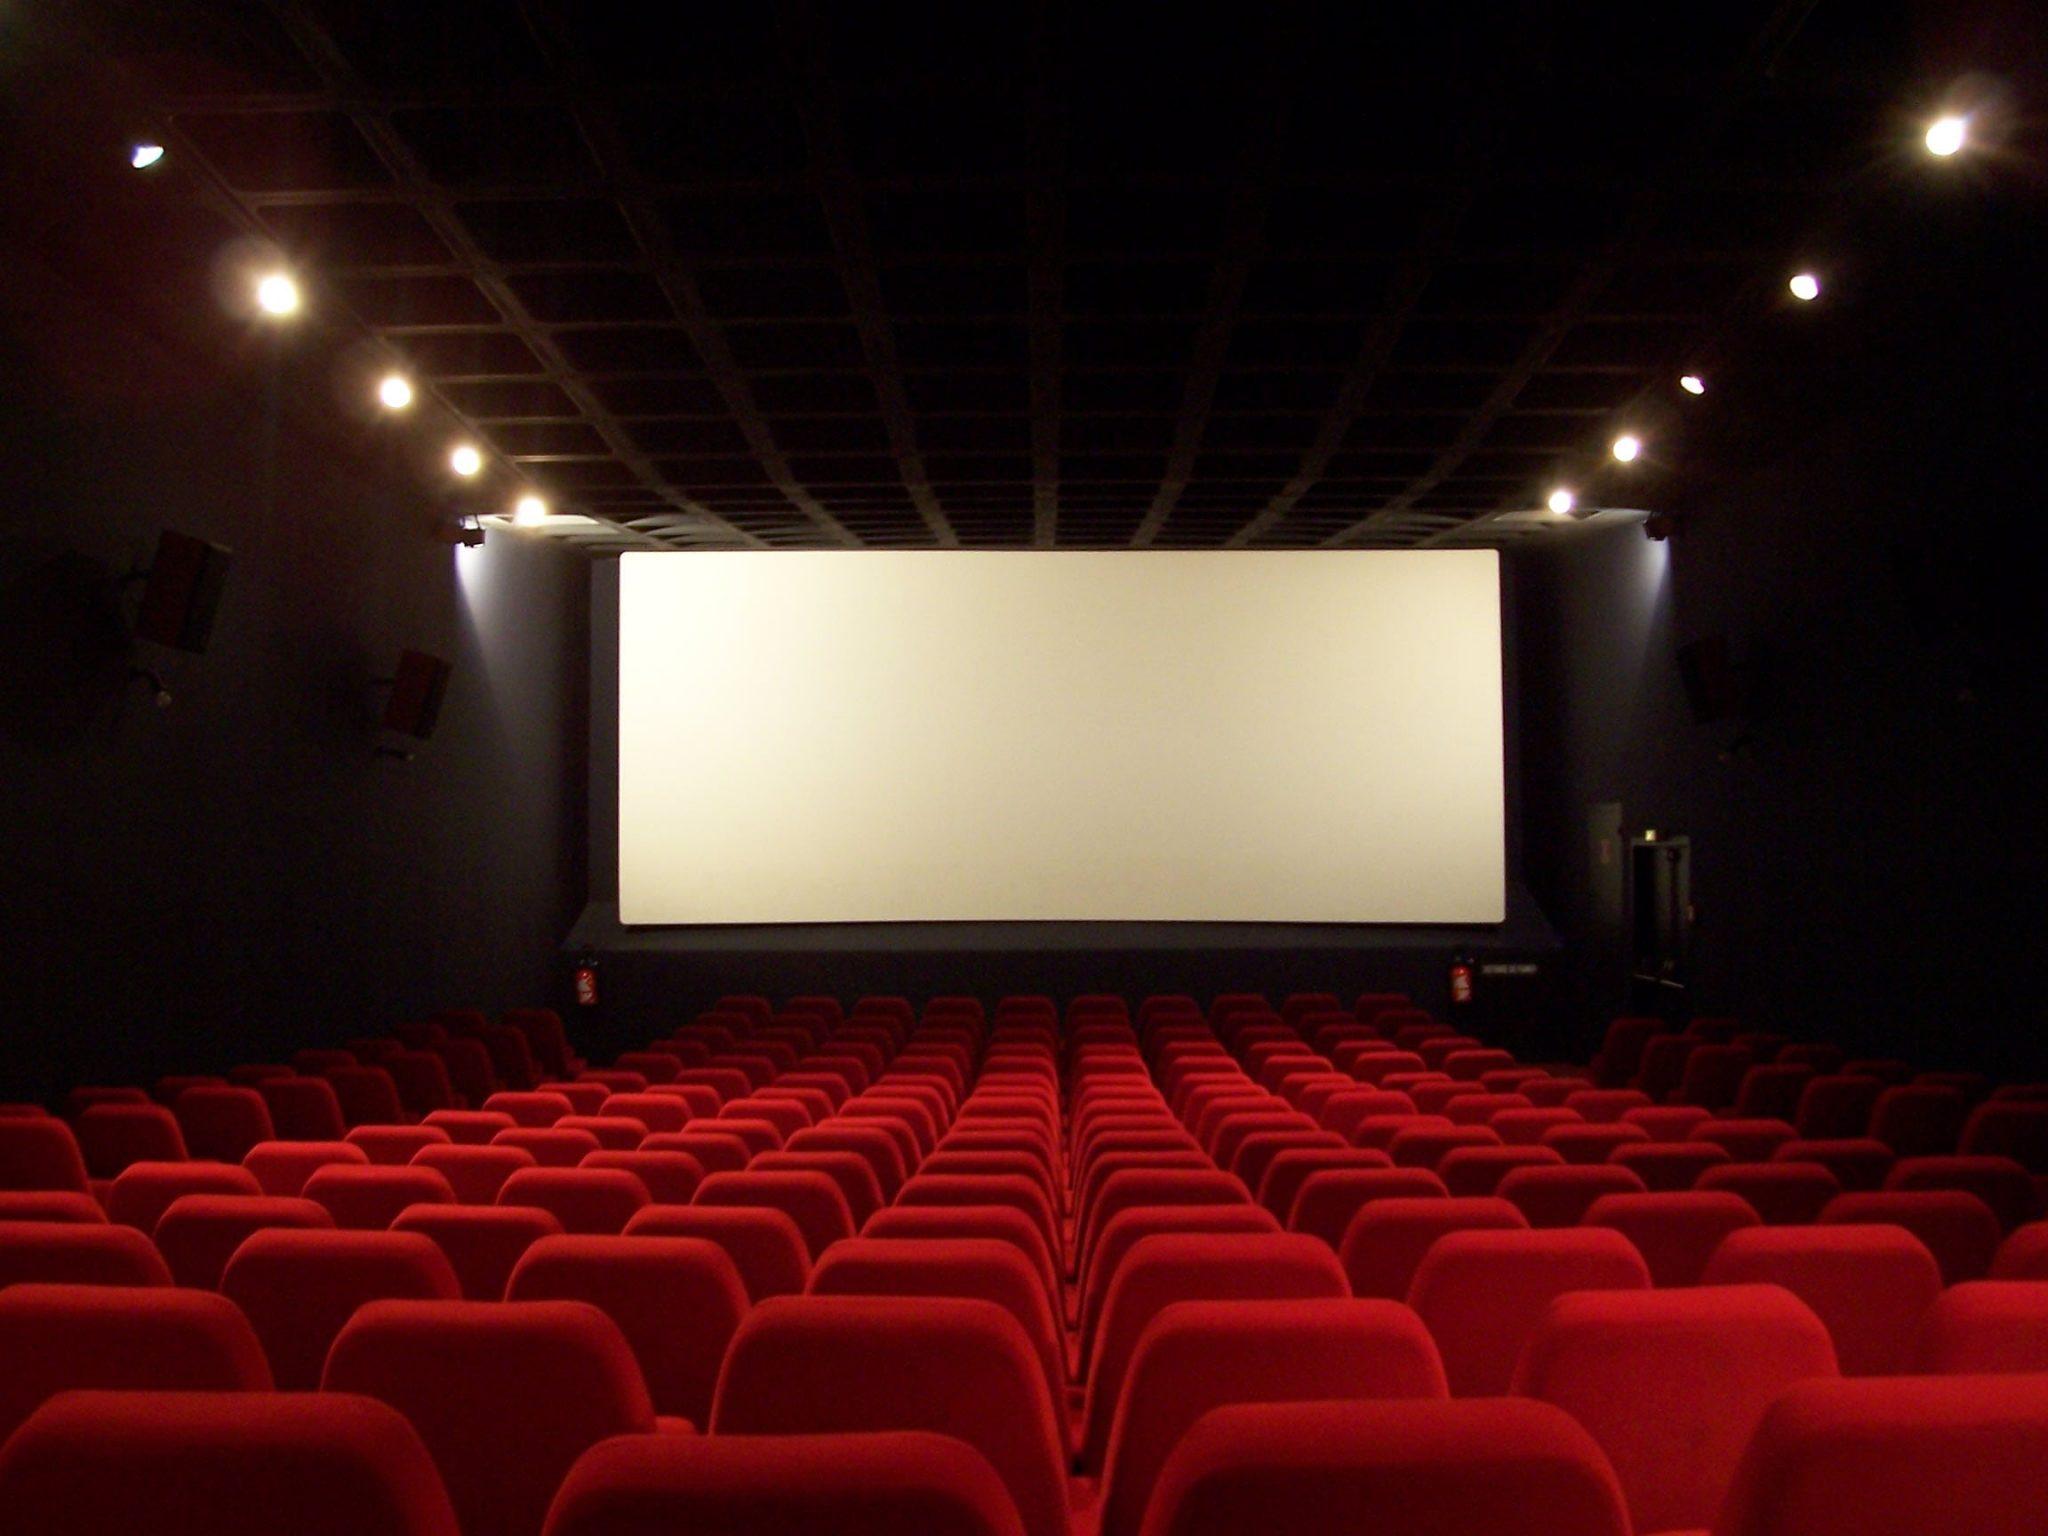 https://www.arts-in-the-city.com/wp-content/uploads/2020/12/salle-de-cinema.jpg